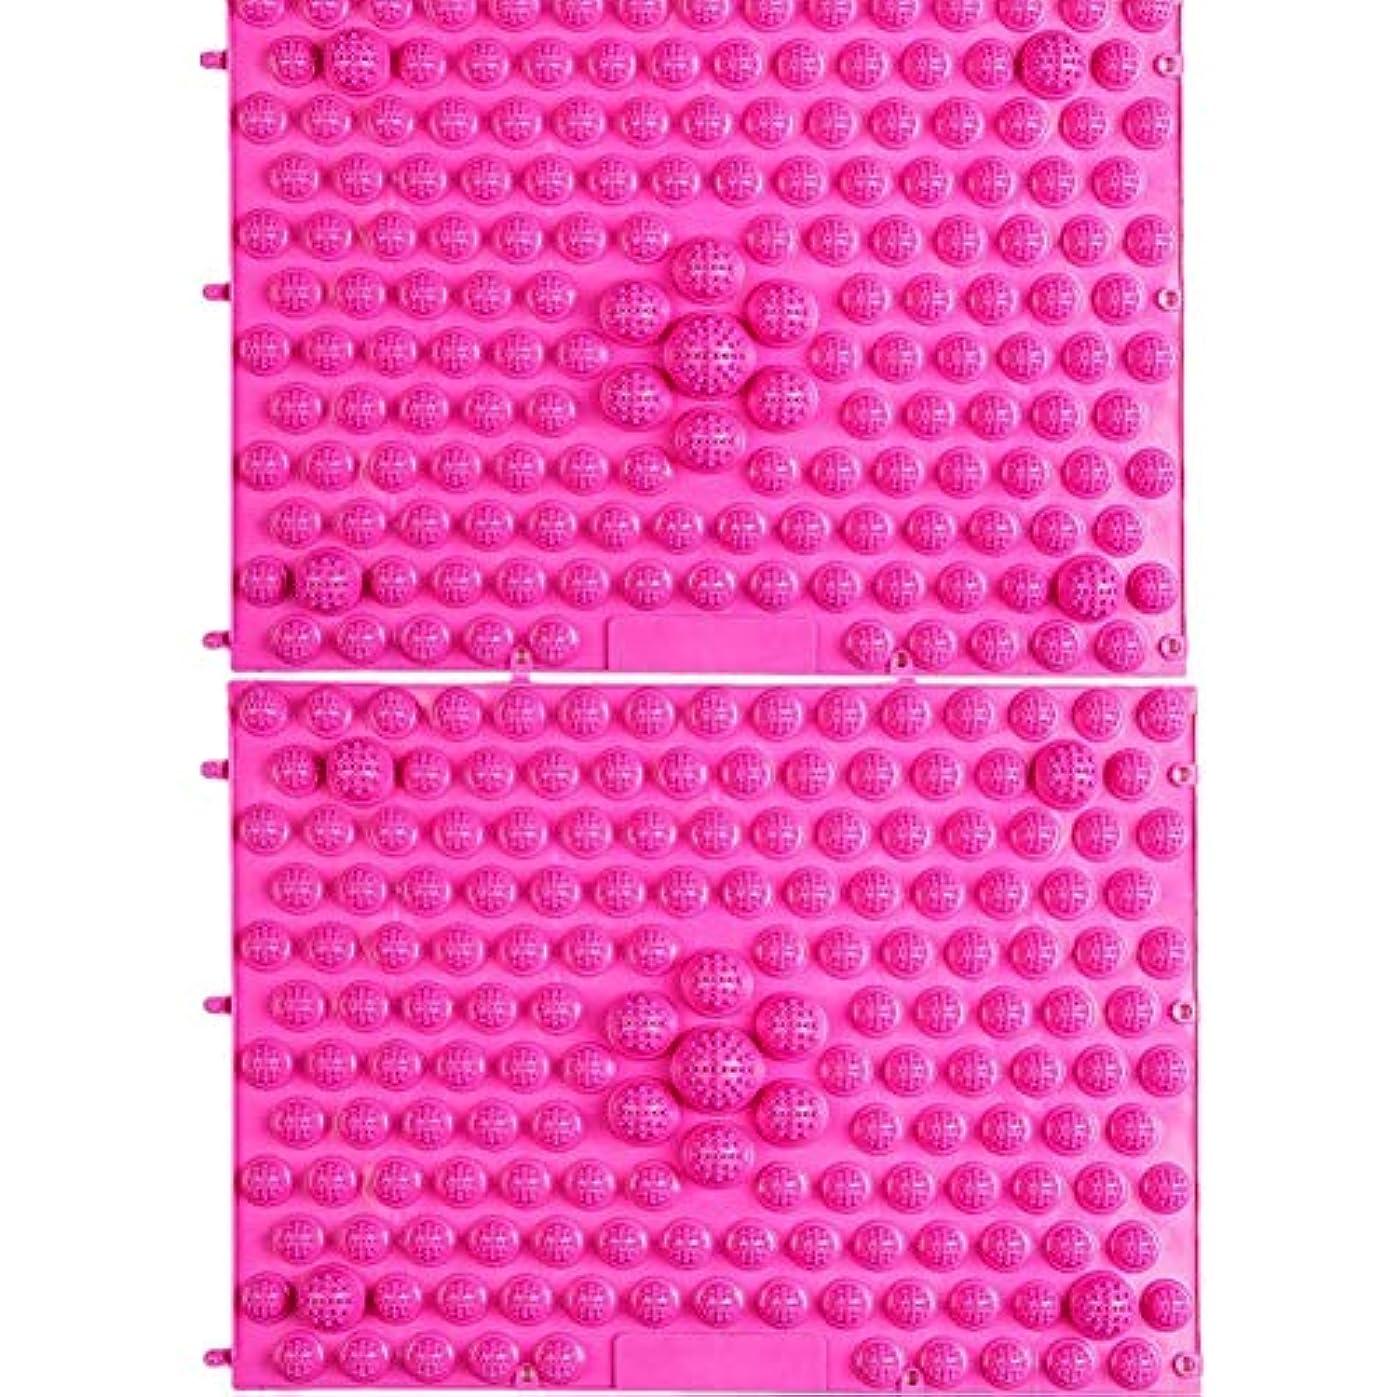 知っているに立ち寄る構成毛細血管wompolle マッサージ?ツボ押しグッズ 生活に刺激と健康を!足つぼキャニオンマット マッサージ屋さんの健康マット ドラゴンマット 足踏み 足ツボ 2枚組 (Pink)